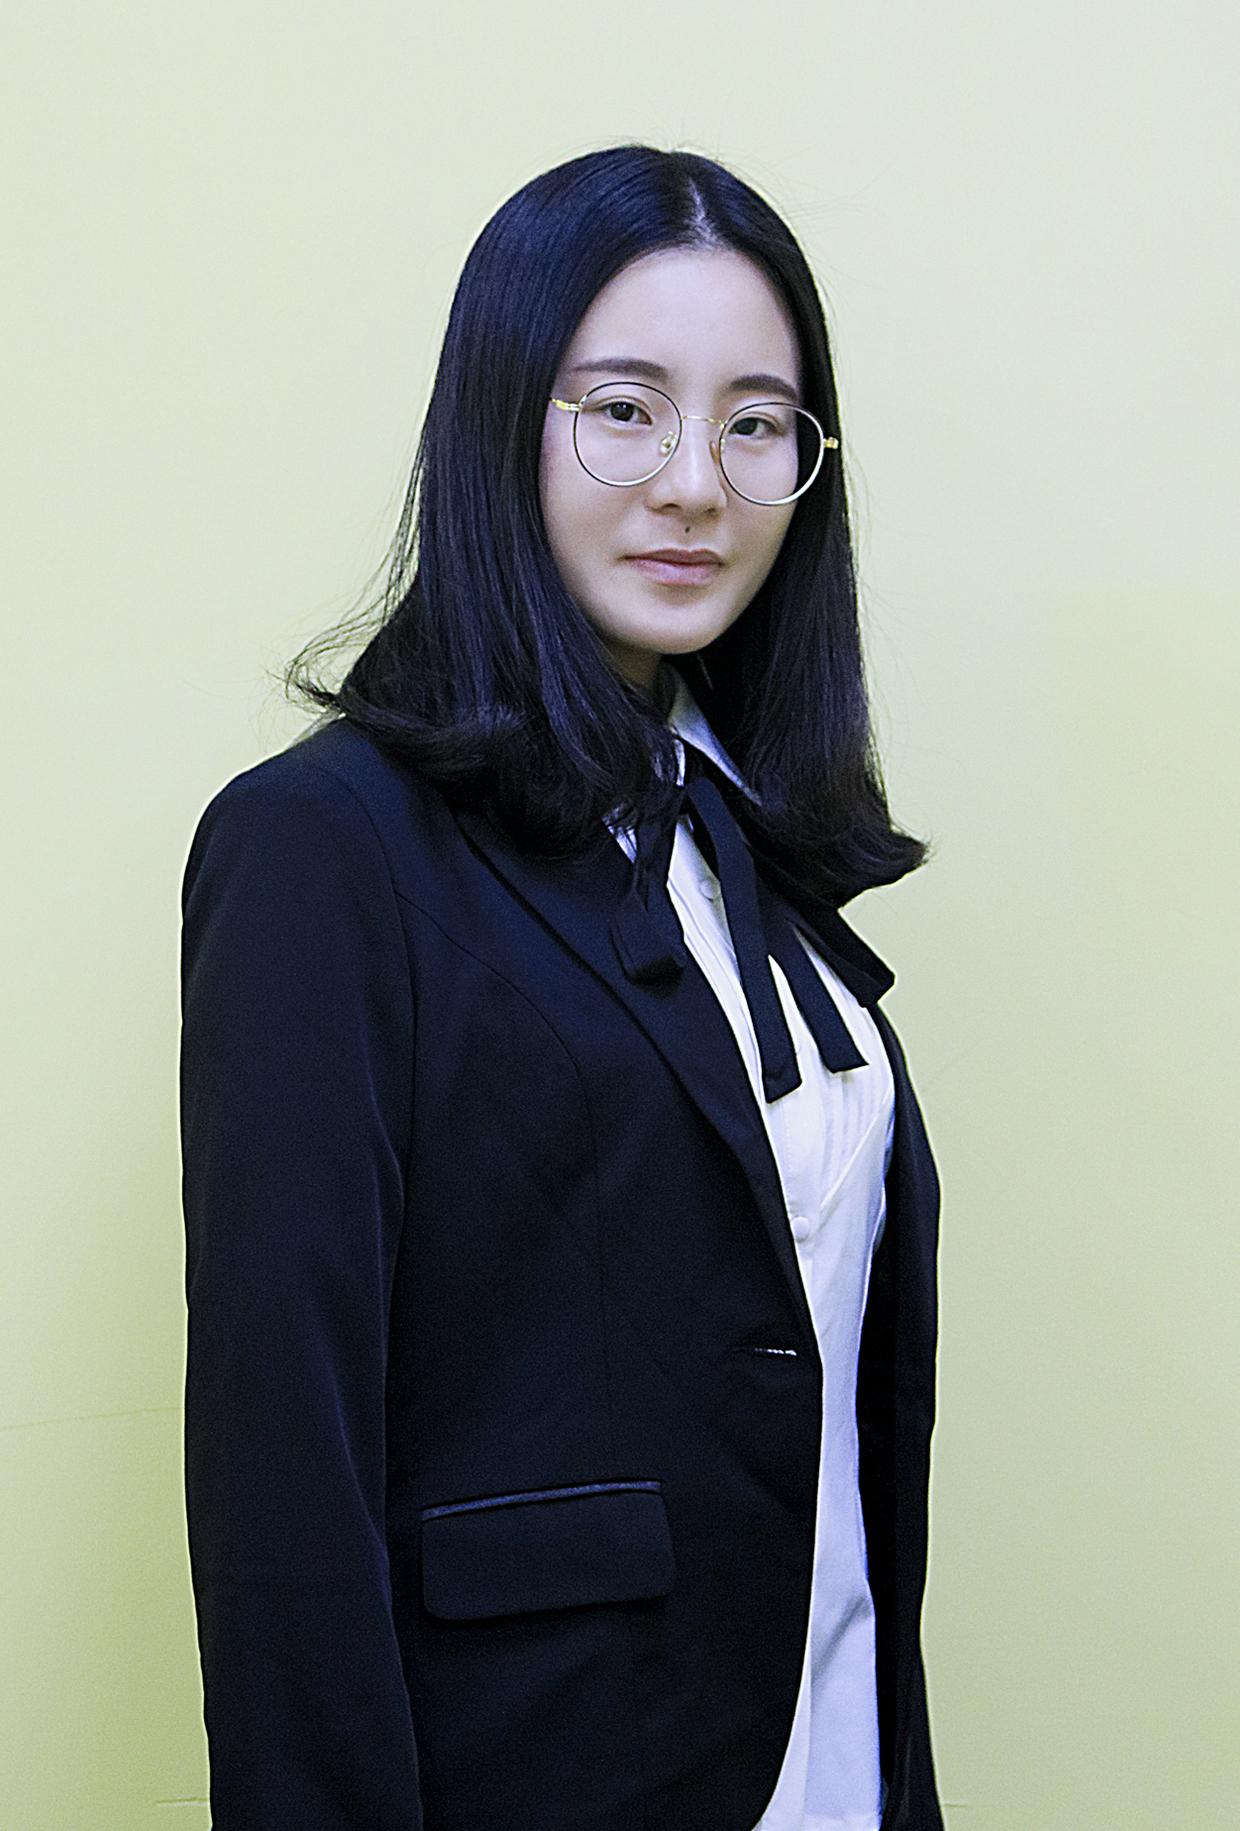 高中老师-高中语文老师_高斯倩